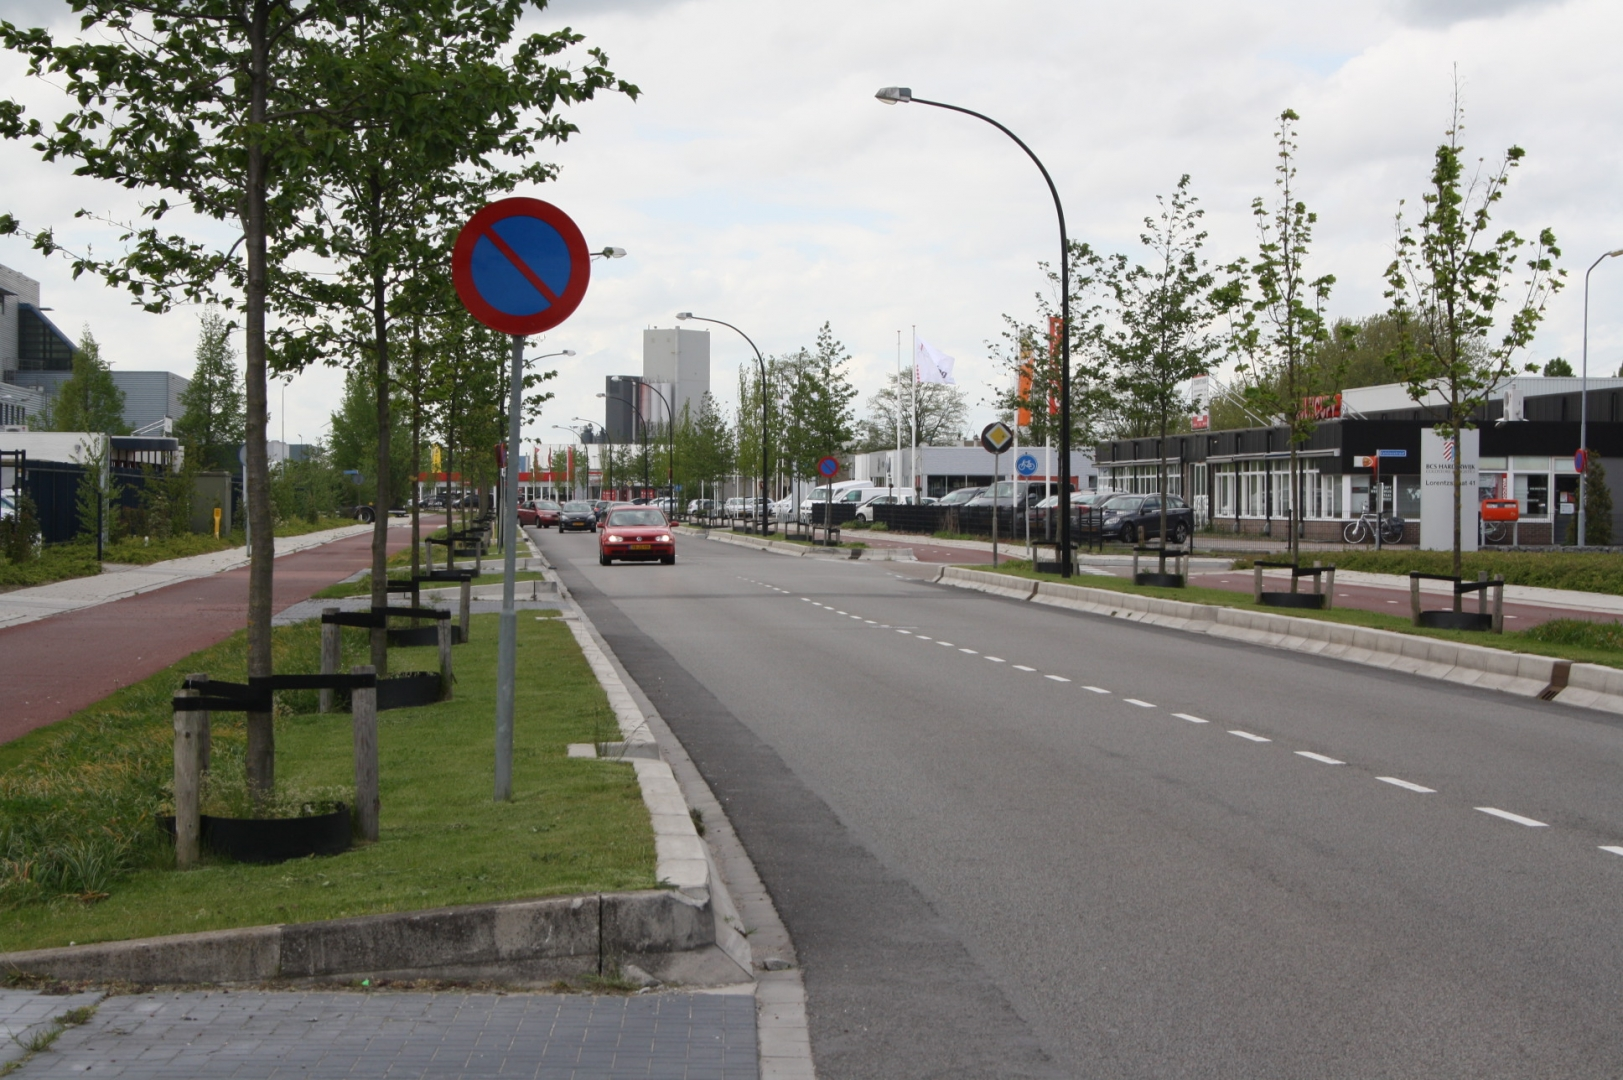 Verlening overeenkomst Securitas voor collectieve beveiliging bedrijventerrein Harderwijk